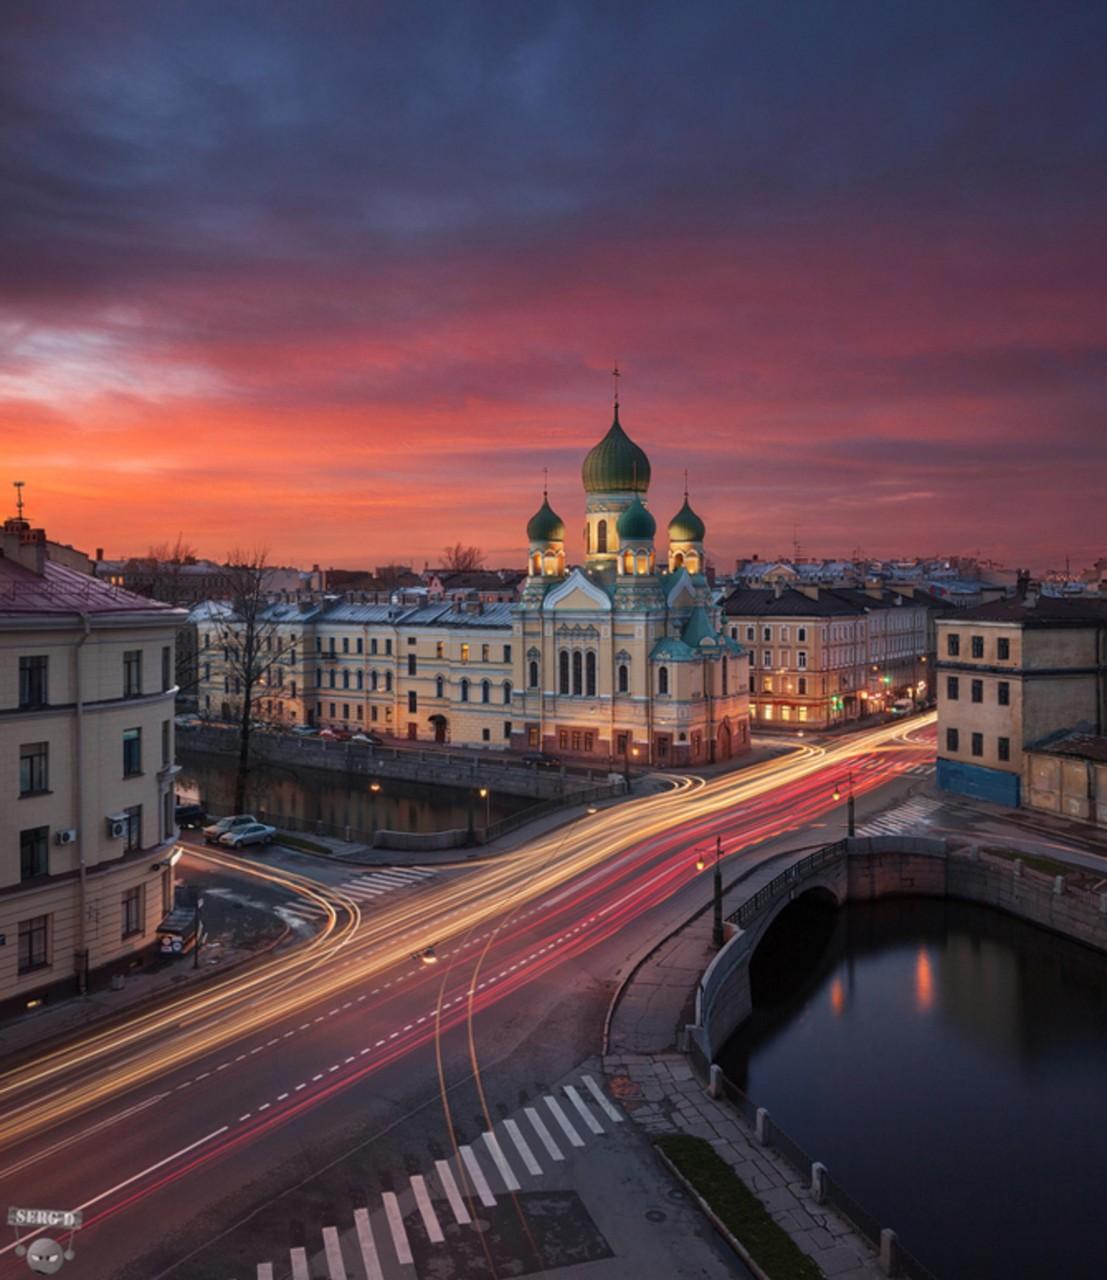 И ангел улыбается на шпиле, фотограф Сергей Дегтярев